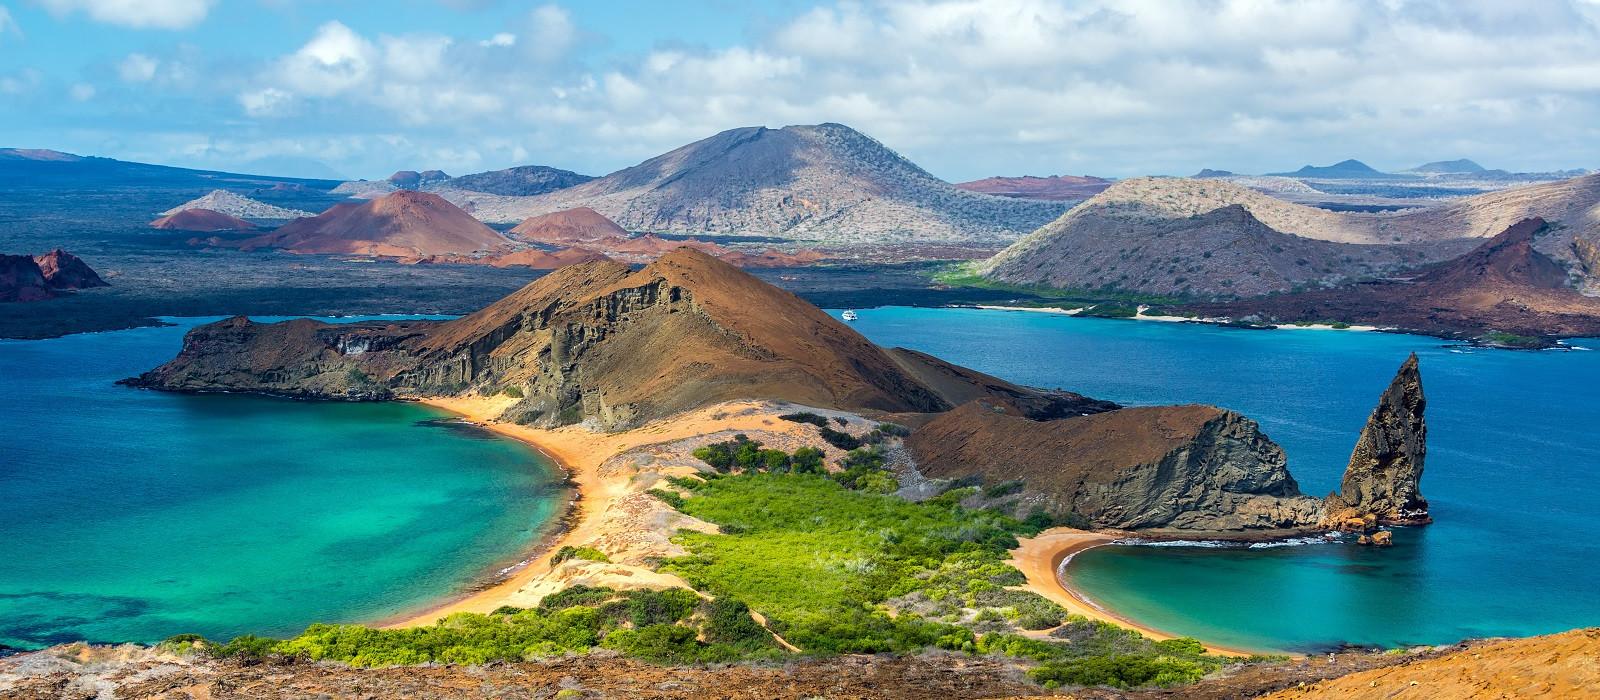 Galapagos and Panama: Tropical Getaway Tour Trip 1